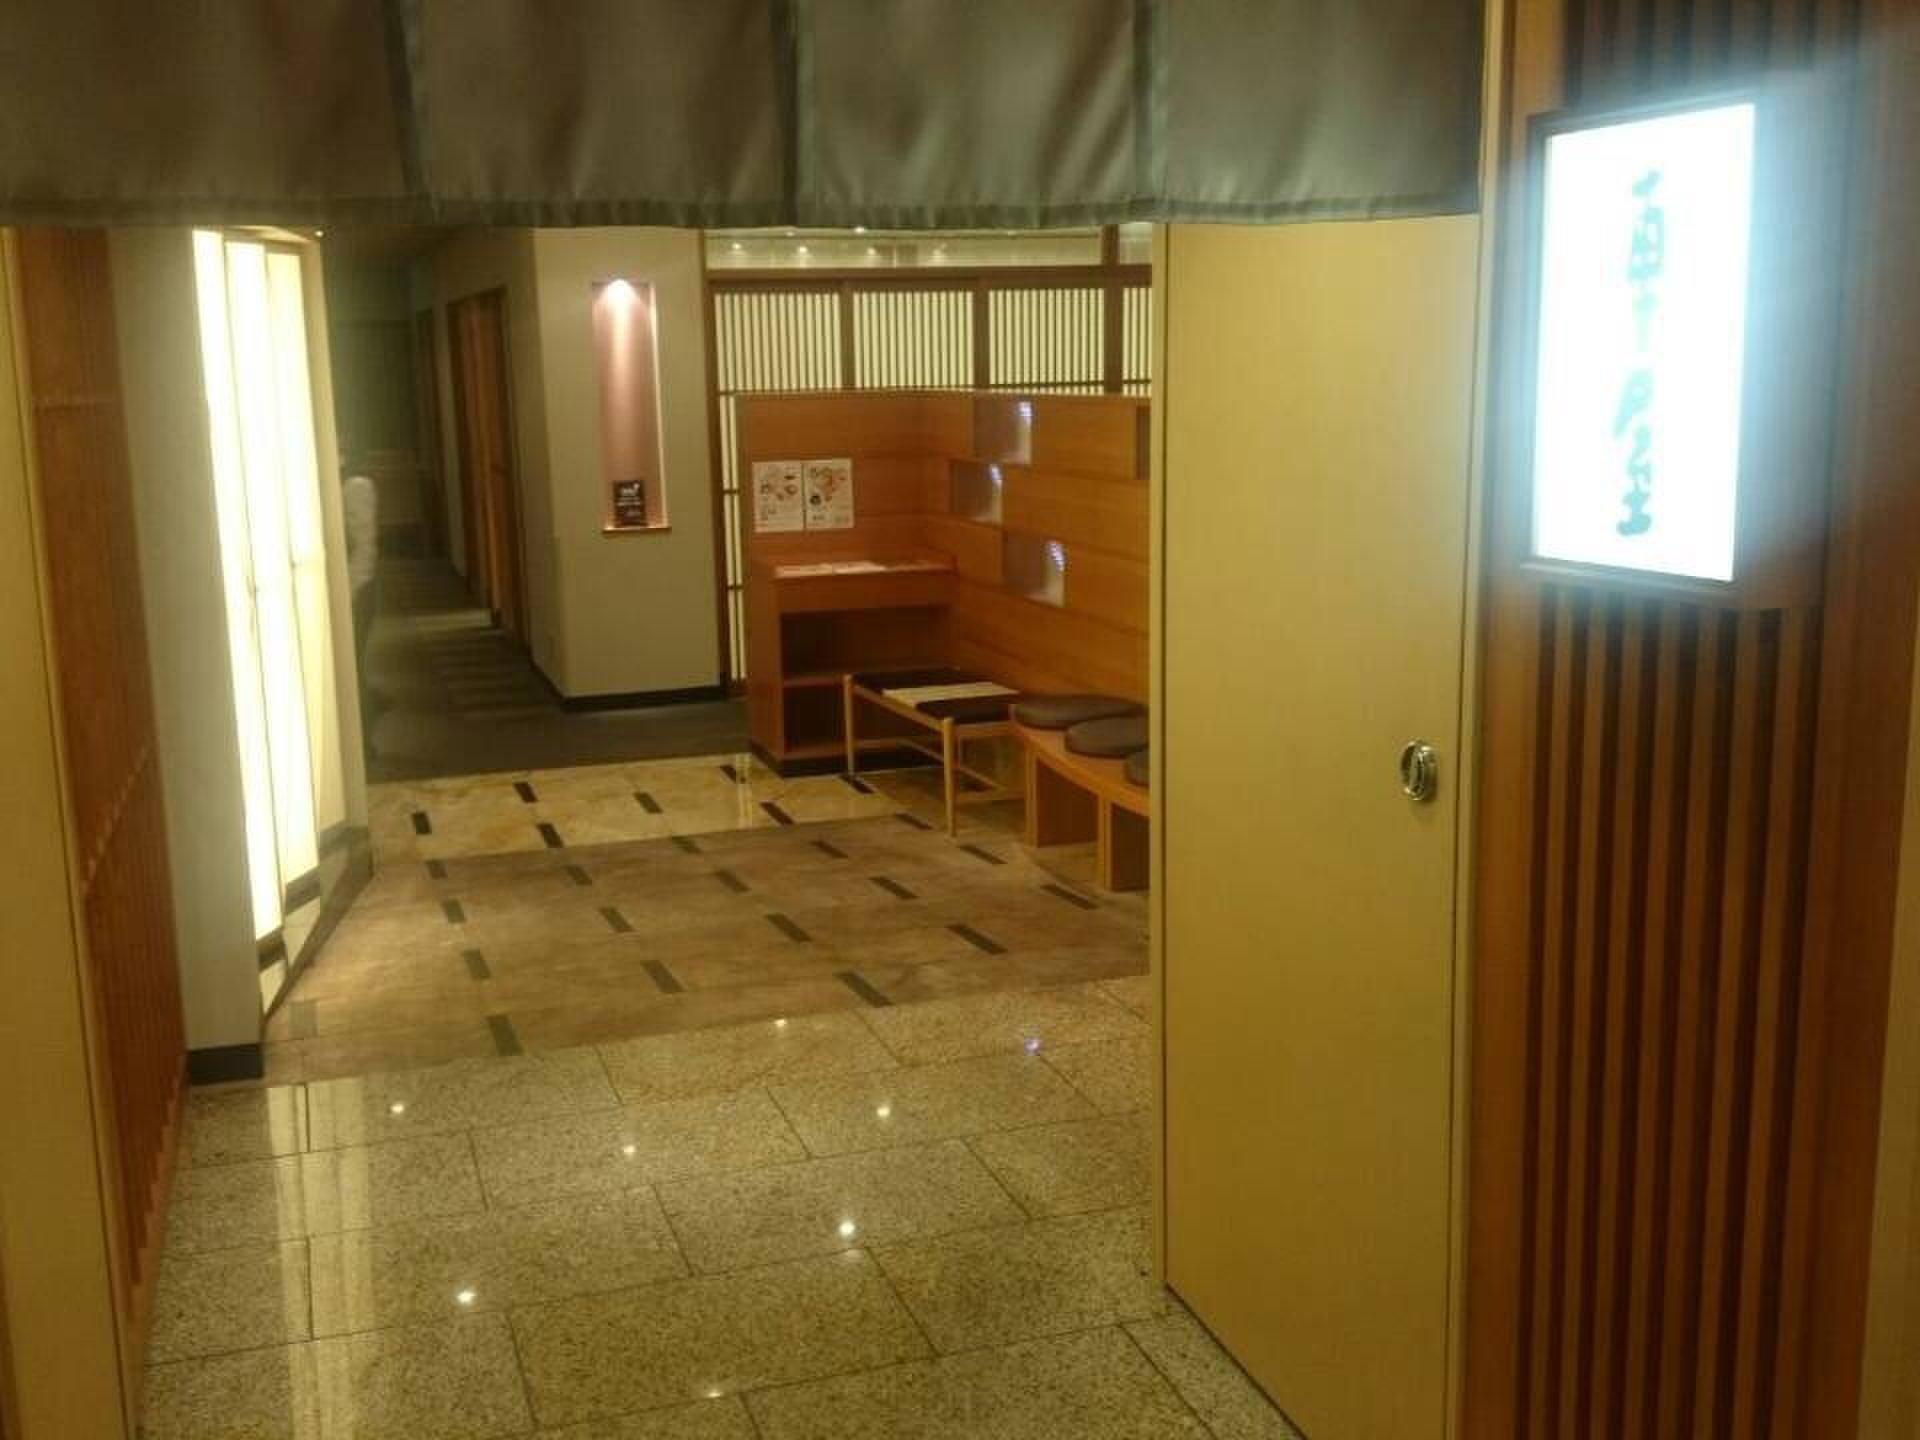 【日本料理を美味しく車屋で】東京以外では北海道、神奈川そして秋田にだけ!